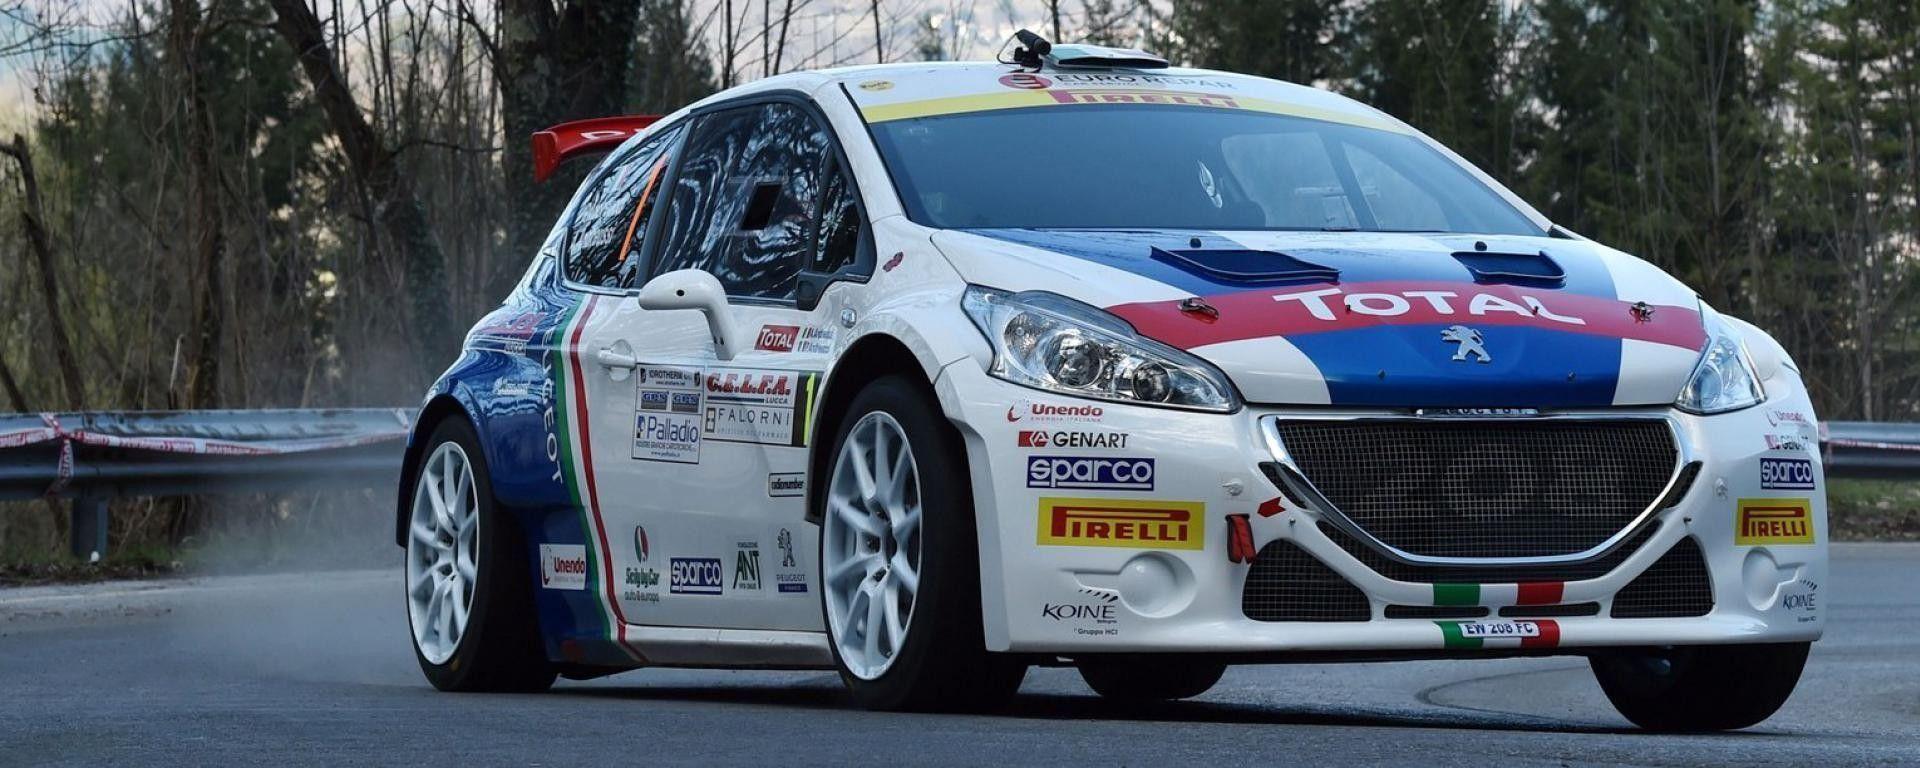 Peugeot 208 T16 - CIR 2016, Rally del Ciocco